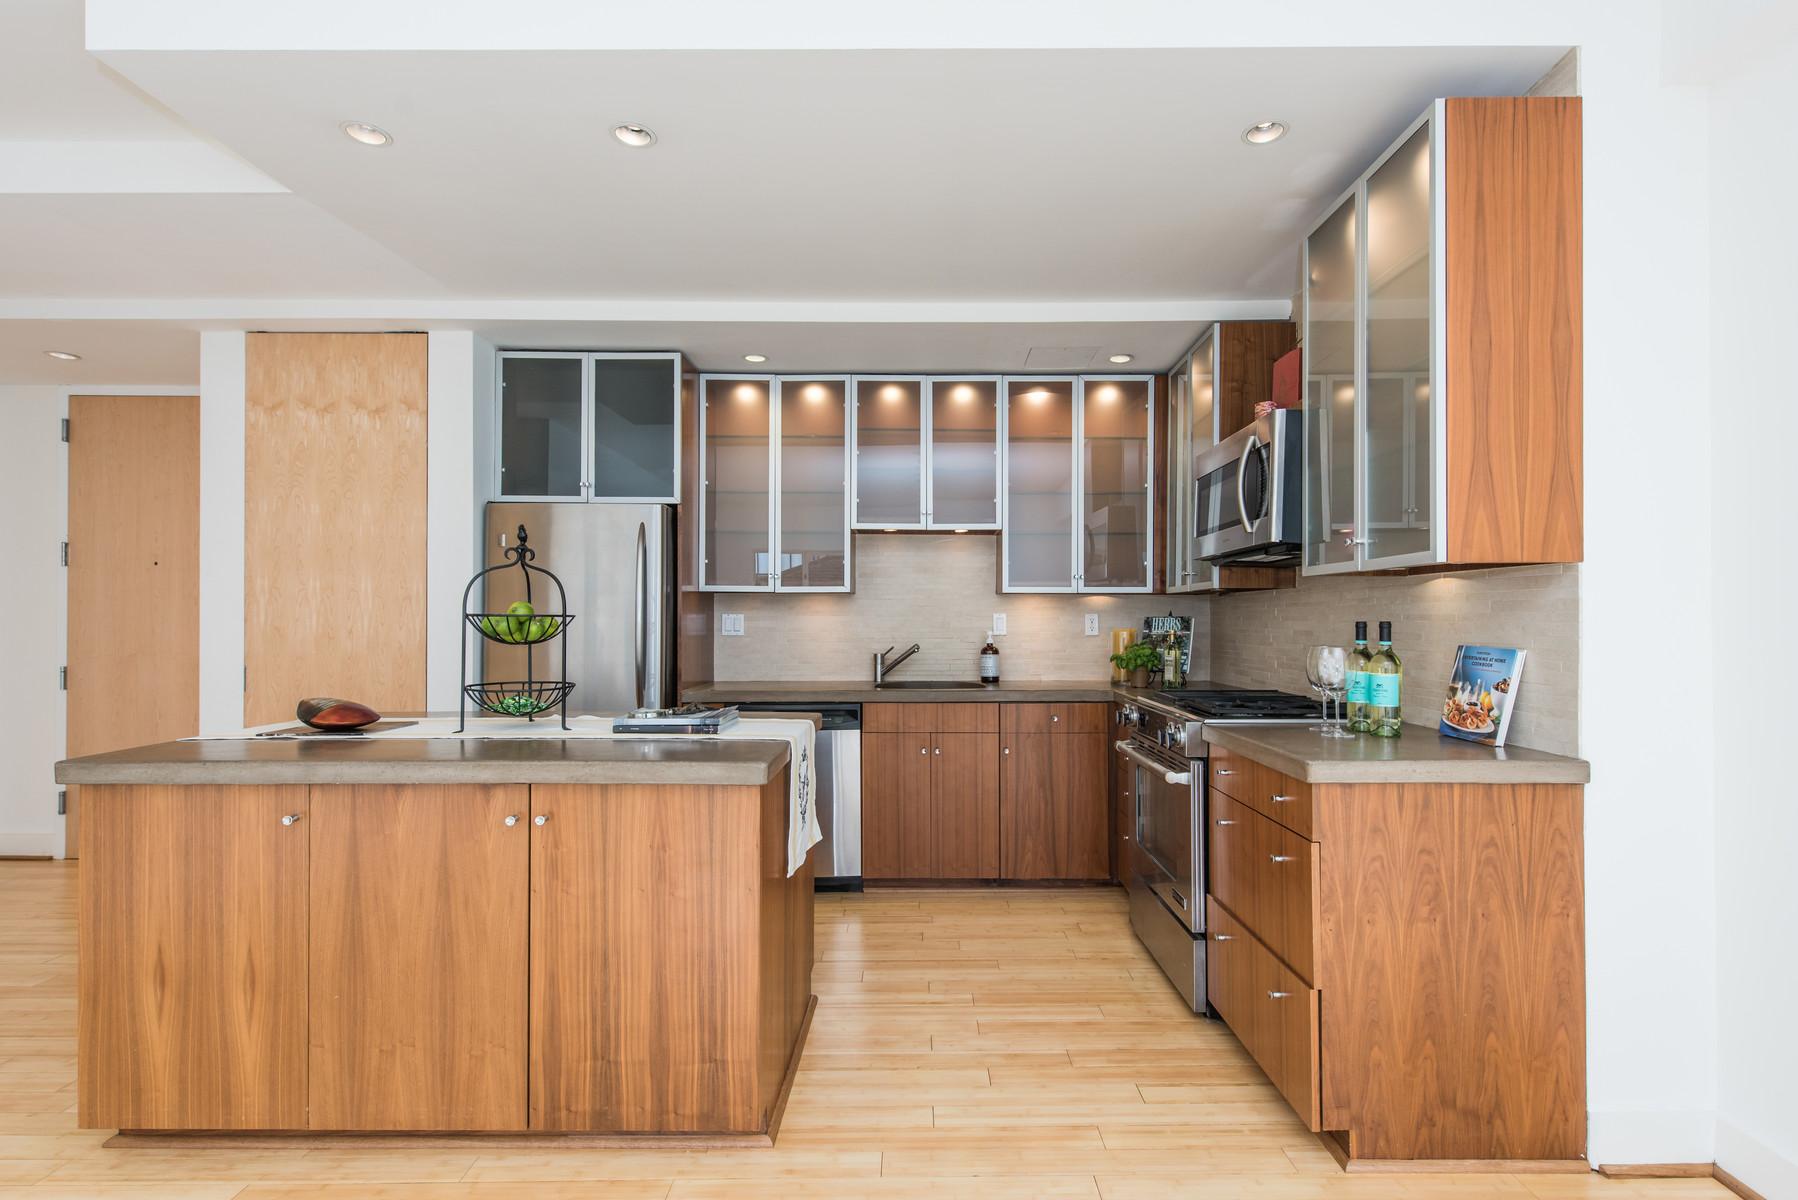 Eigentumswohnung für Verkauf beim 3251 Prospect Street Nw 316, Washington Washington, District Of Columbia, 20007 Vereinigte Staaten